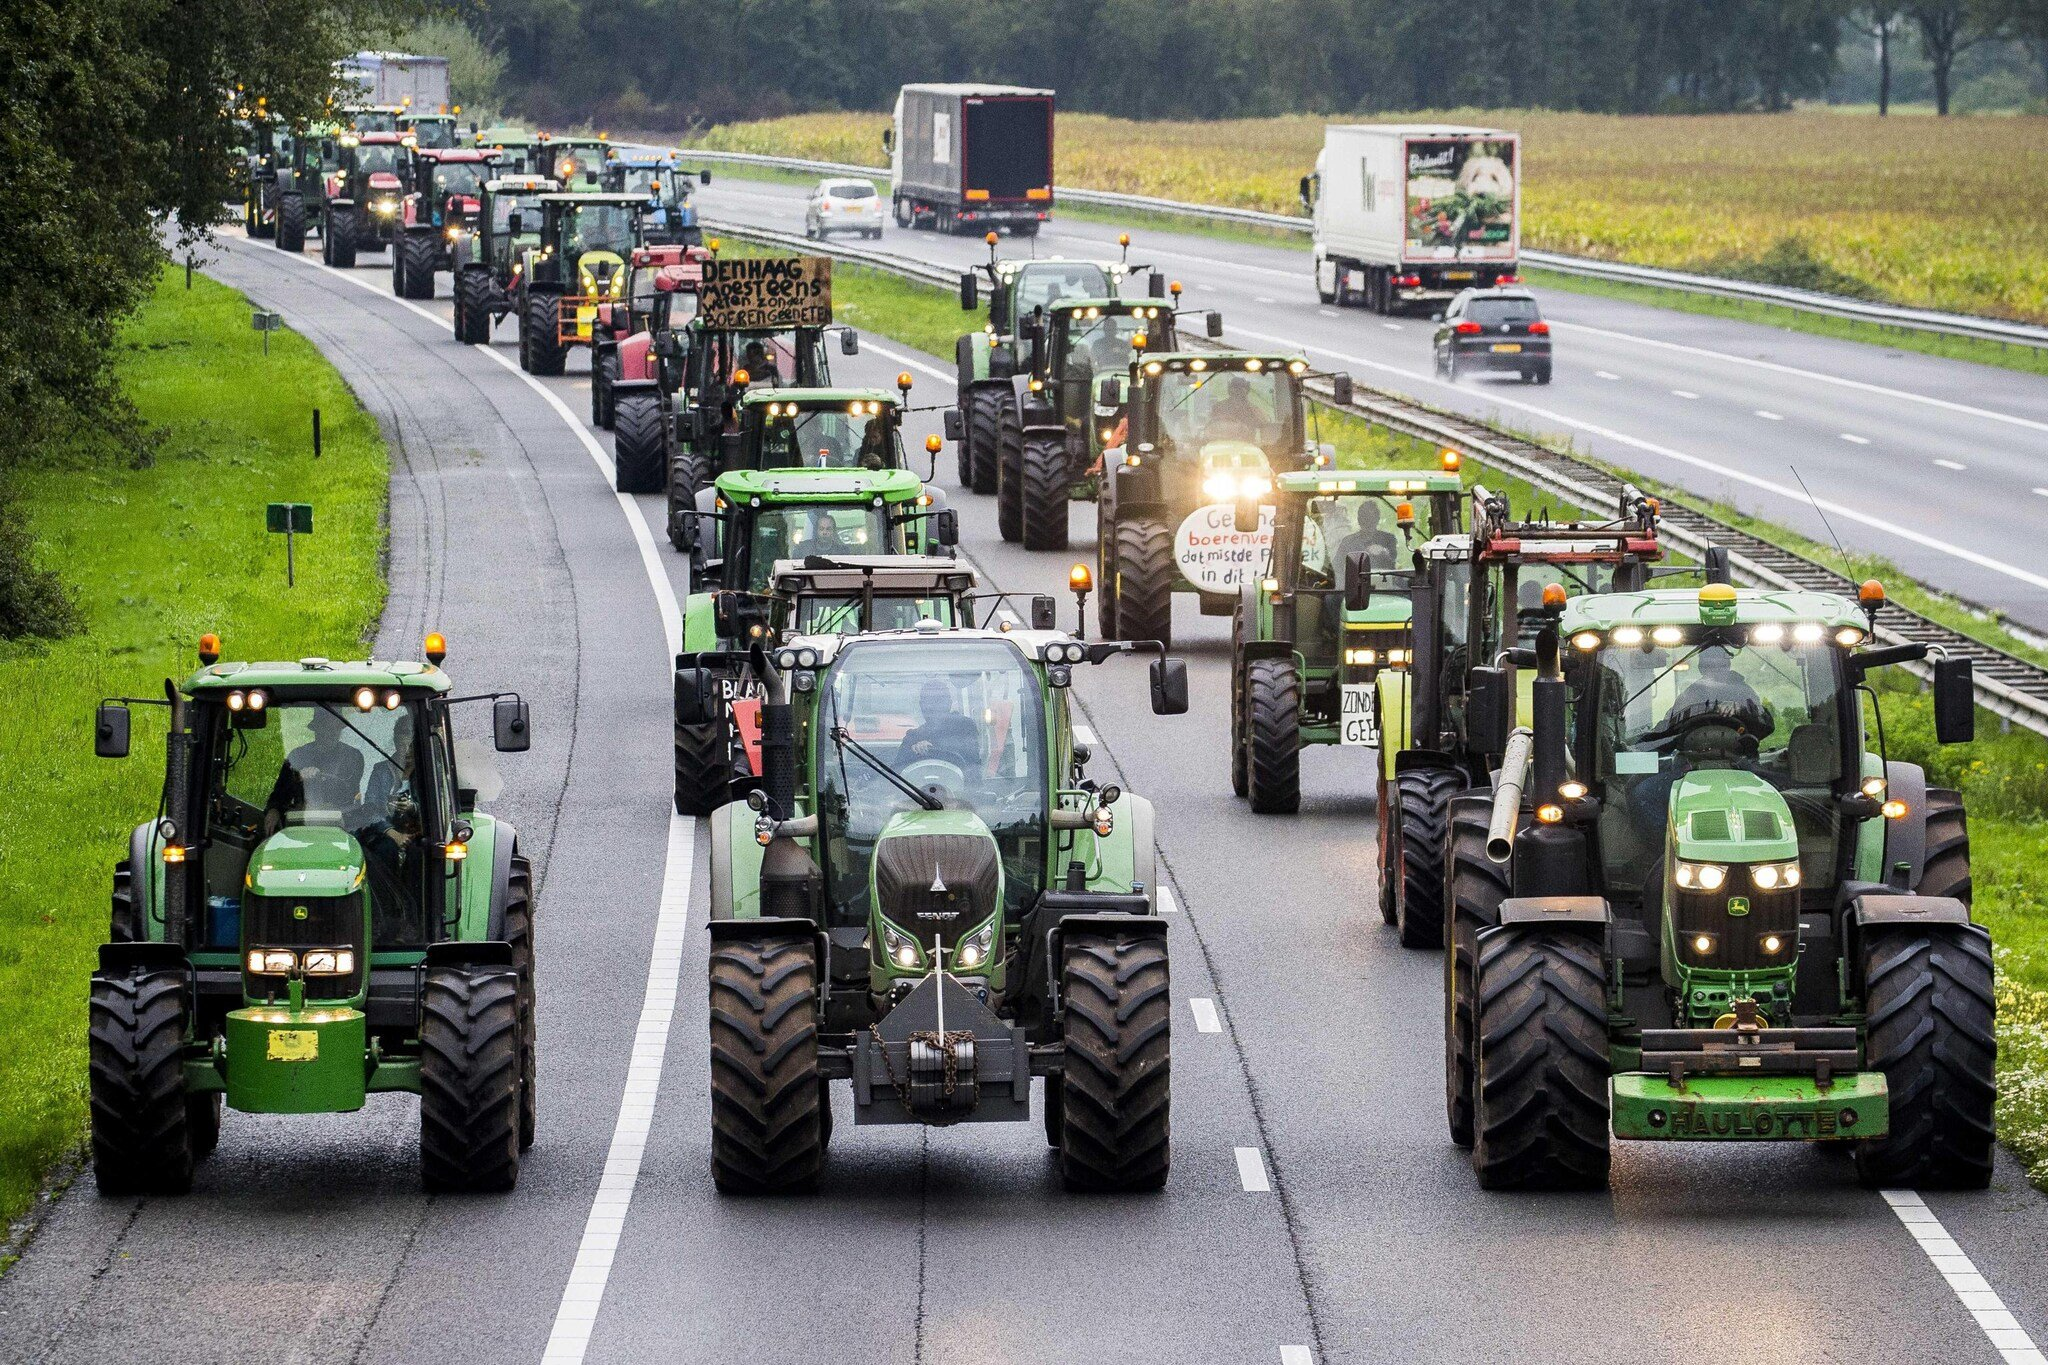 La protesta degli allevatori olandesi